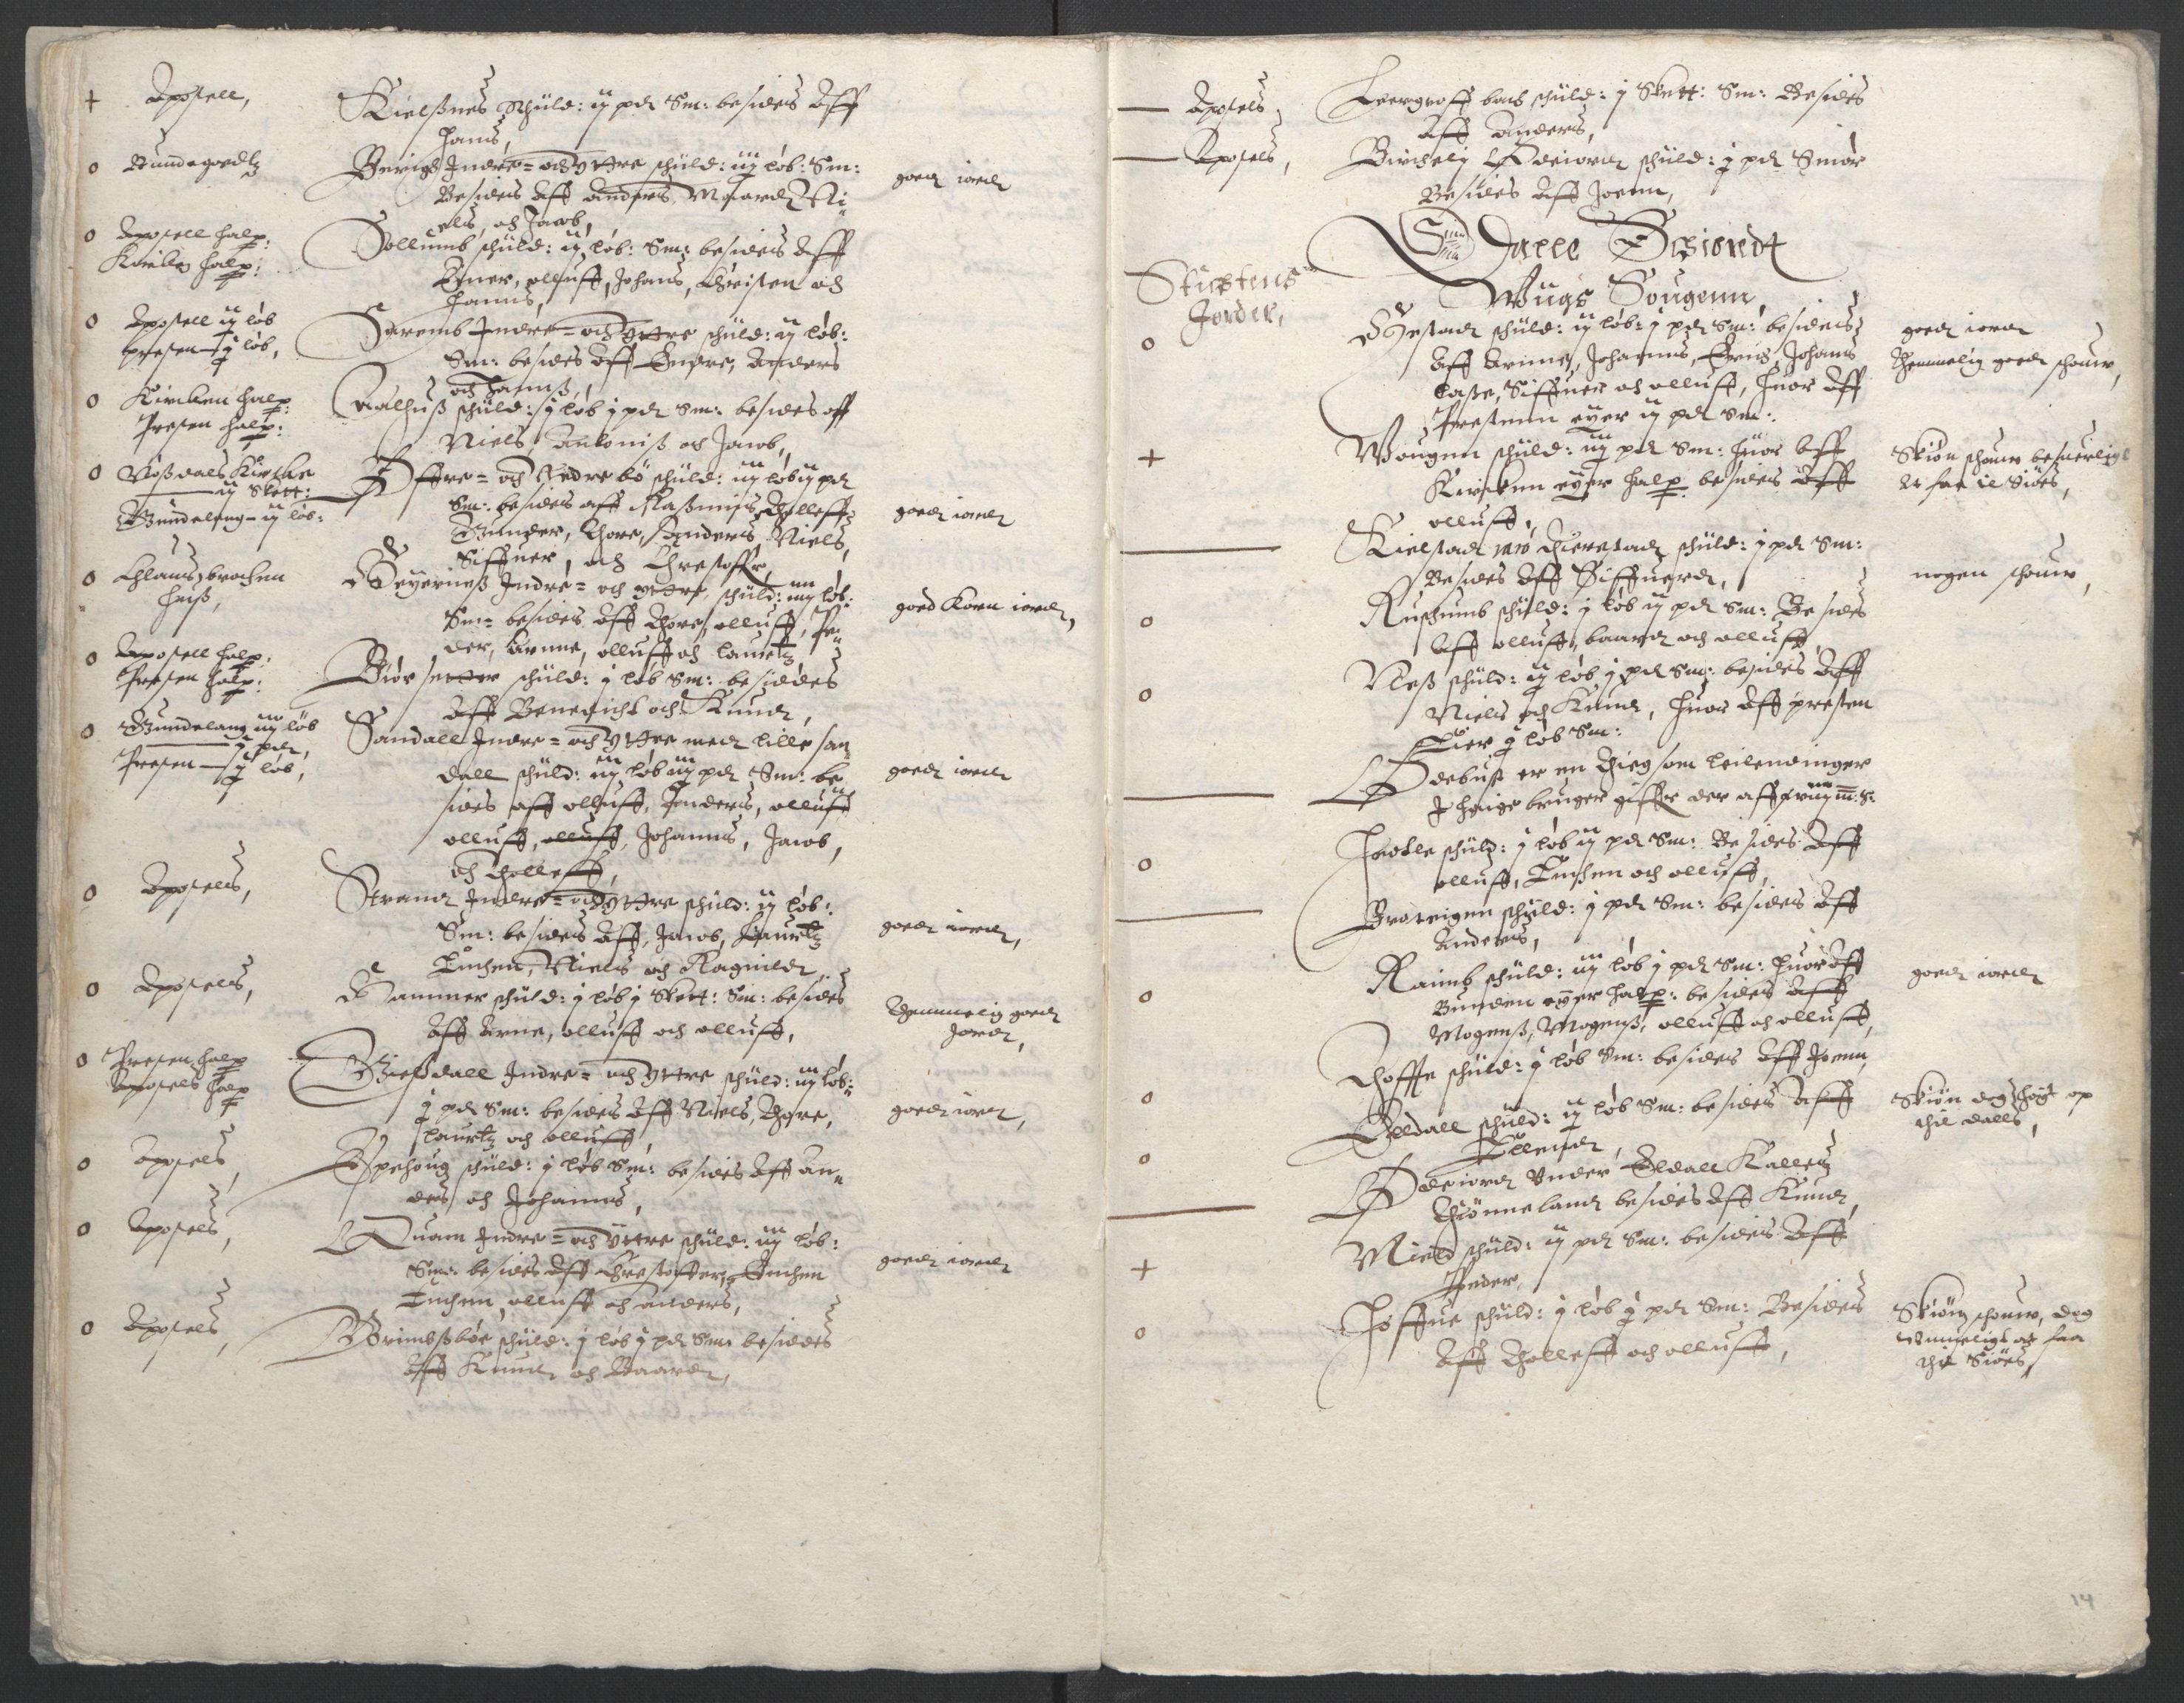 RA, Stattholderembetet 1572-1771, Ek/L0005: Jordebøker til utlikning av garnisonsskatt 1624-1626:, 1626, s. 16